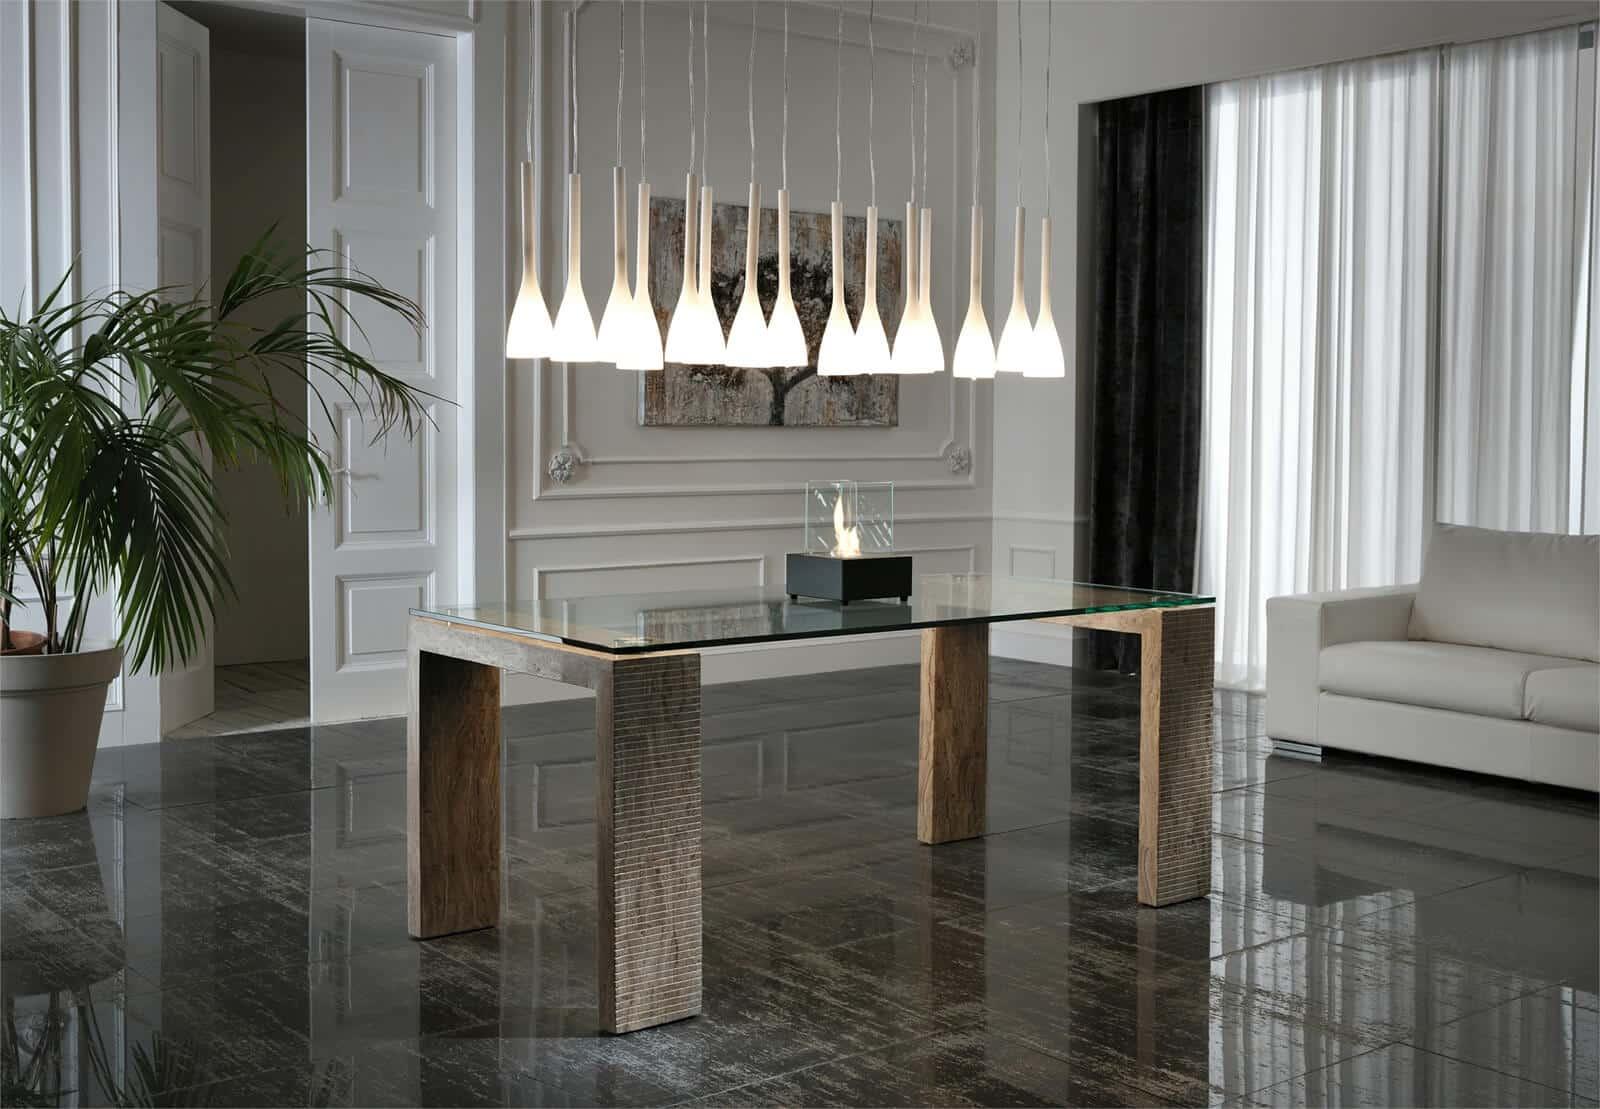 Tavolo modello miti complementi e illuminazione tavoli for Tavolo mondo convenienza wood